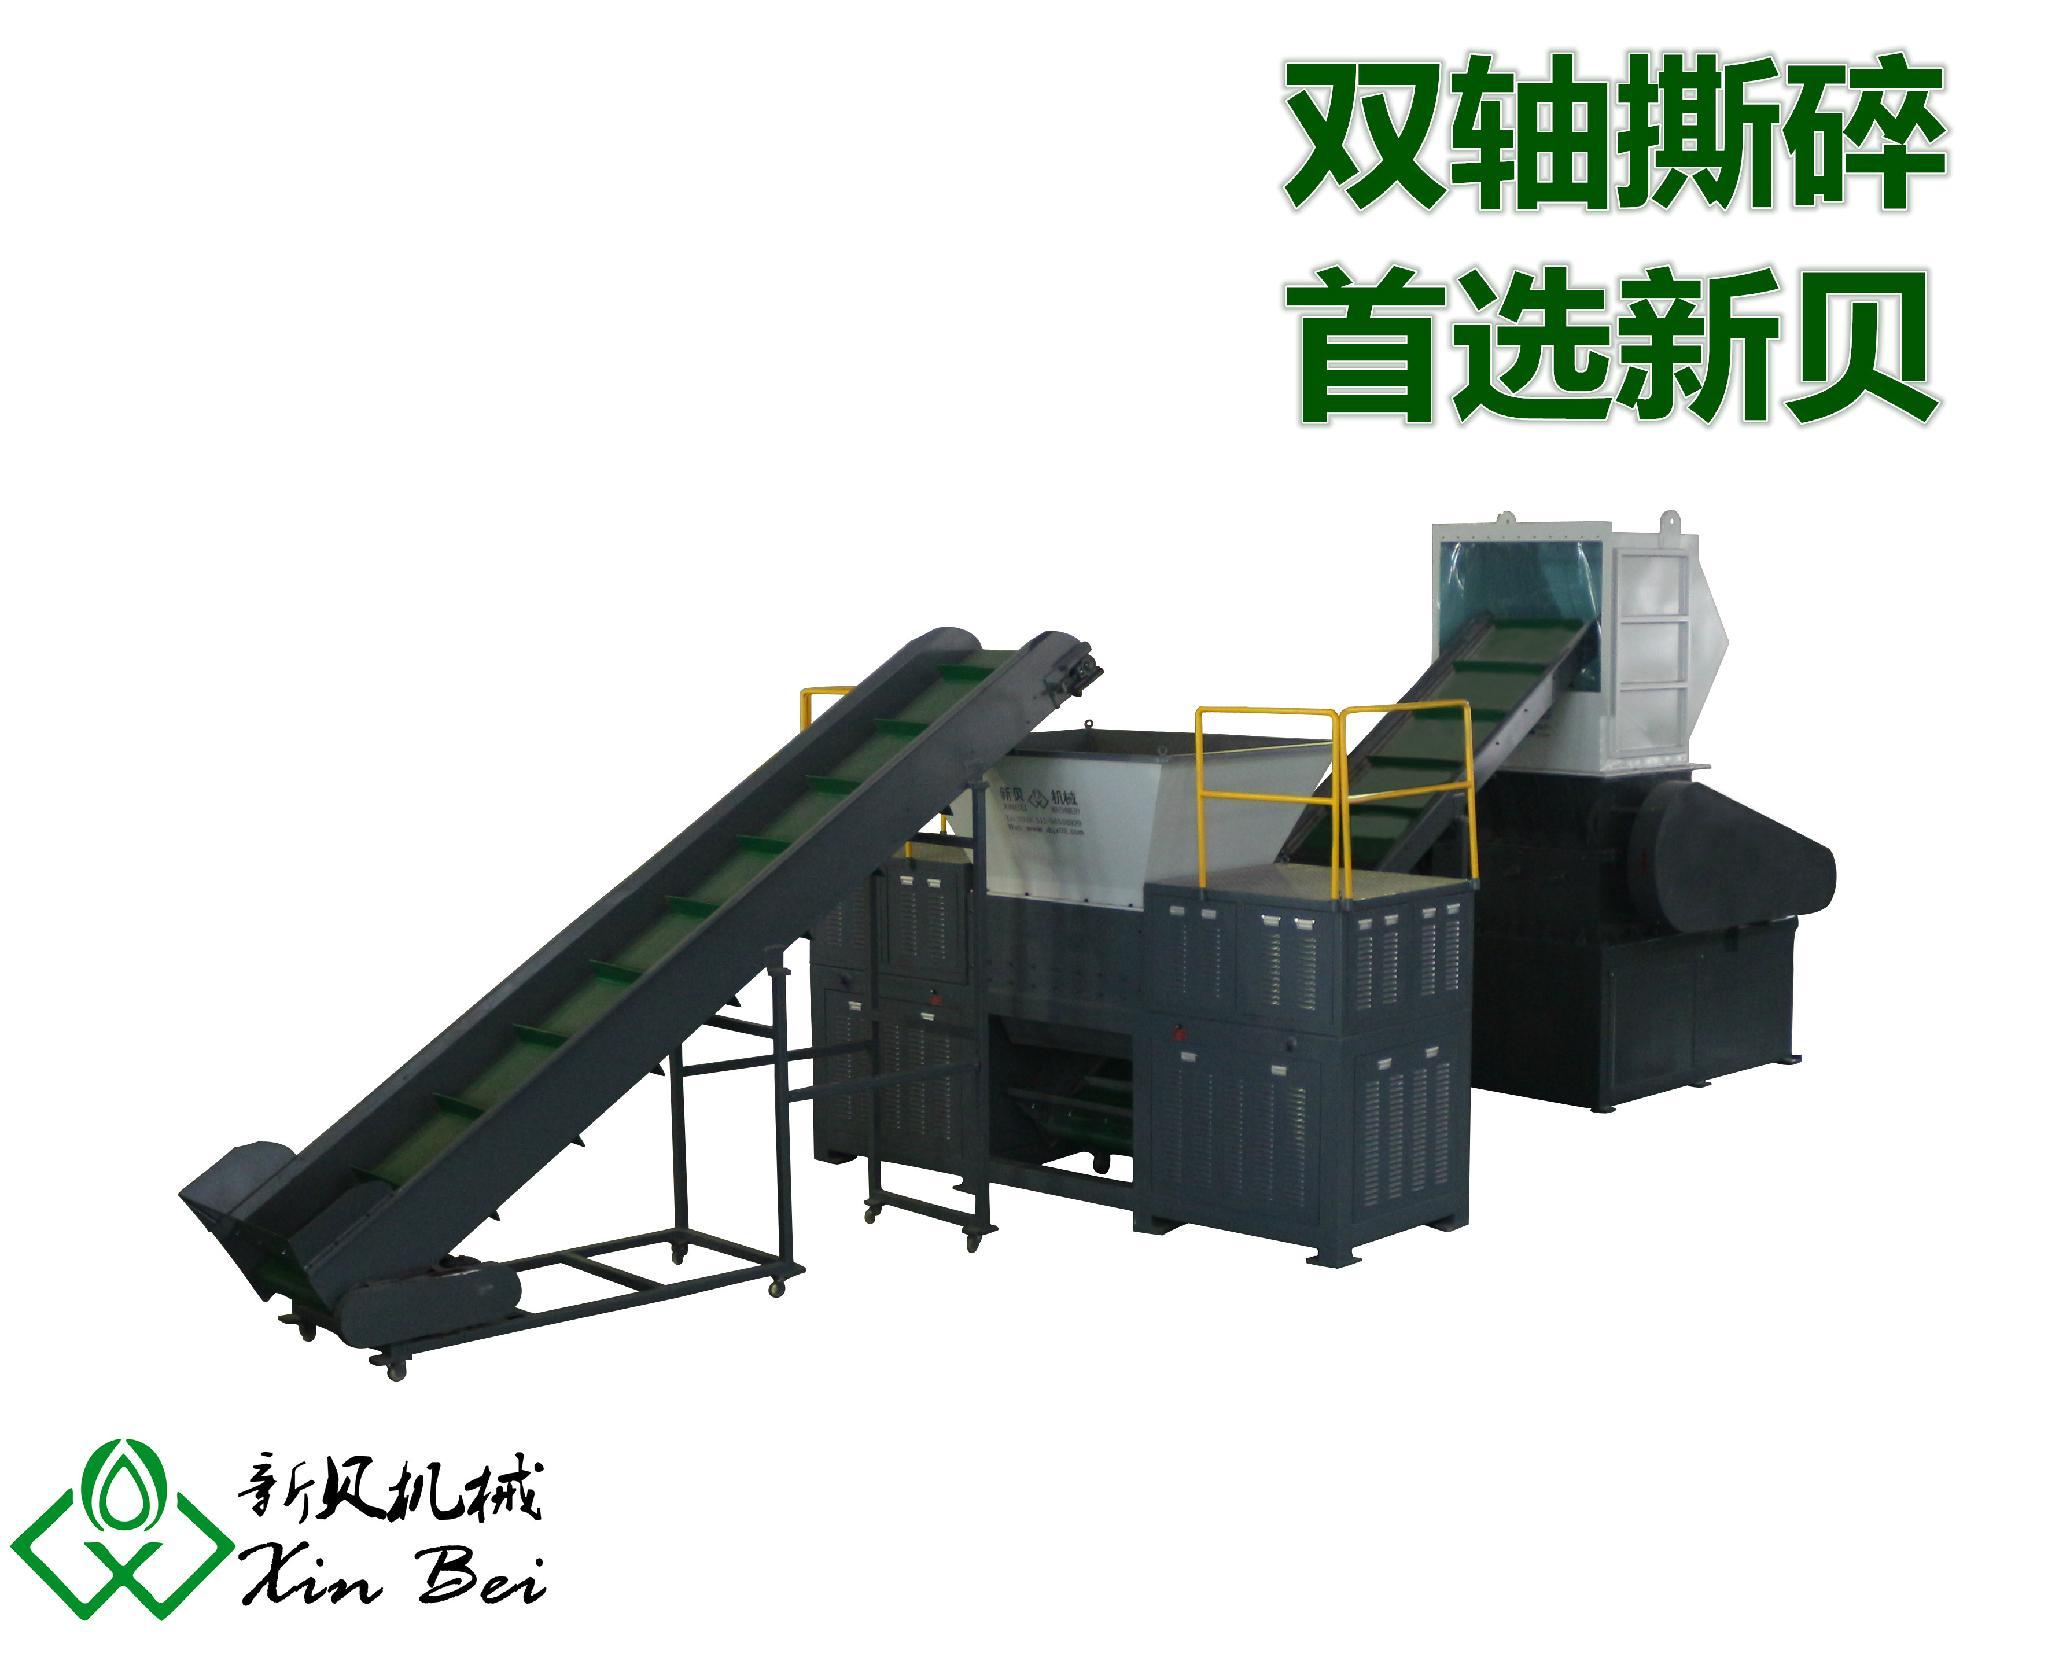 供应新贝机械整捆打包薄膜双轴1200撕碎机  2